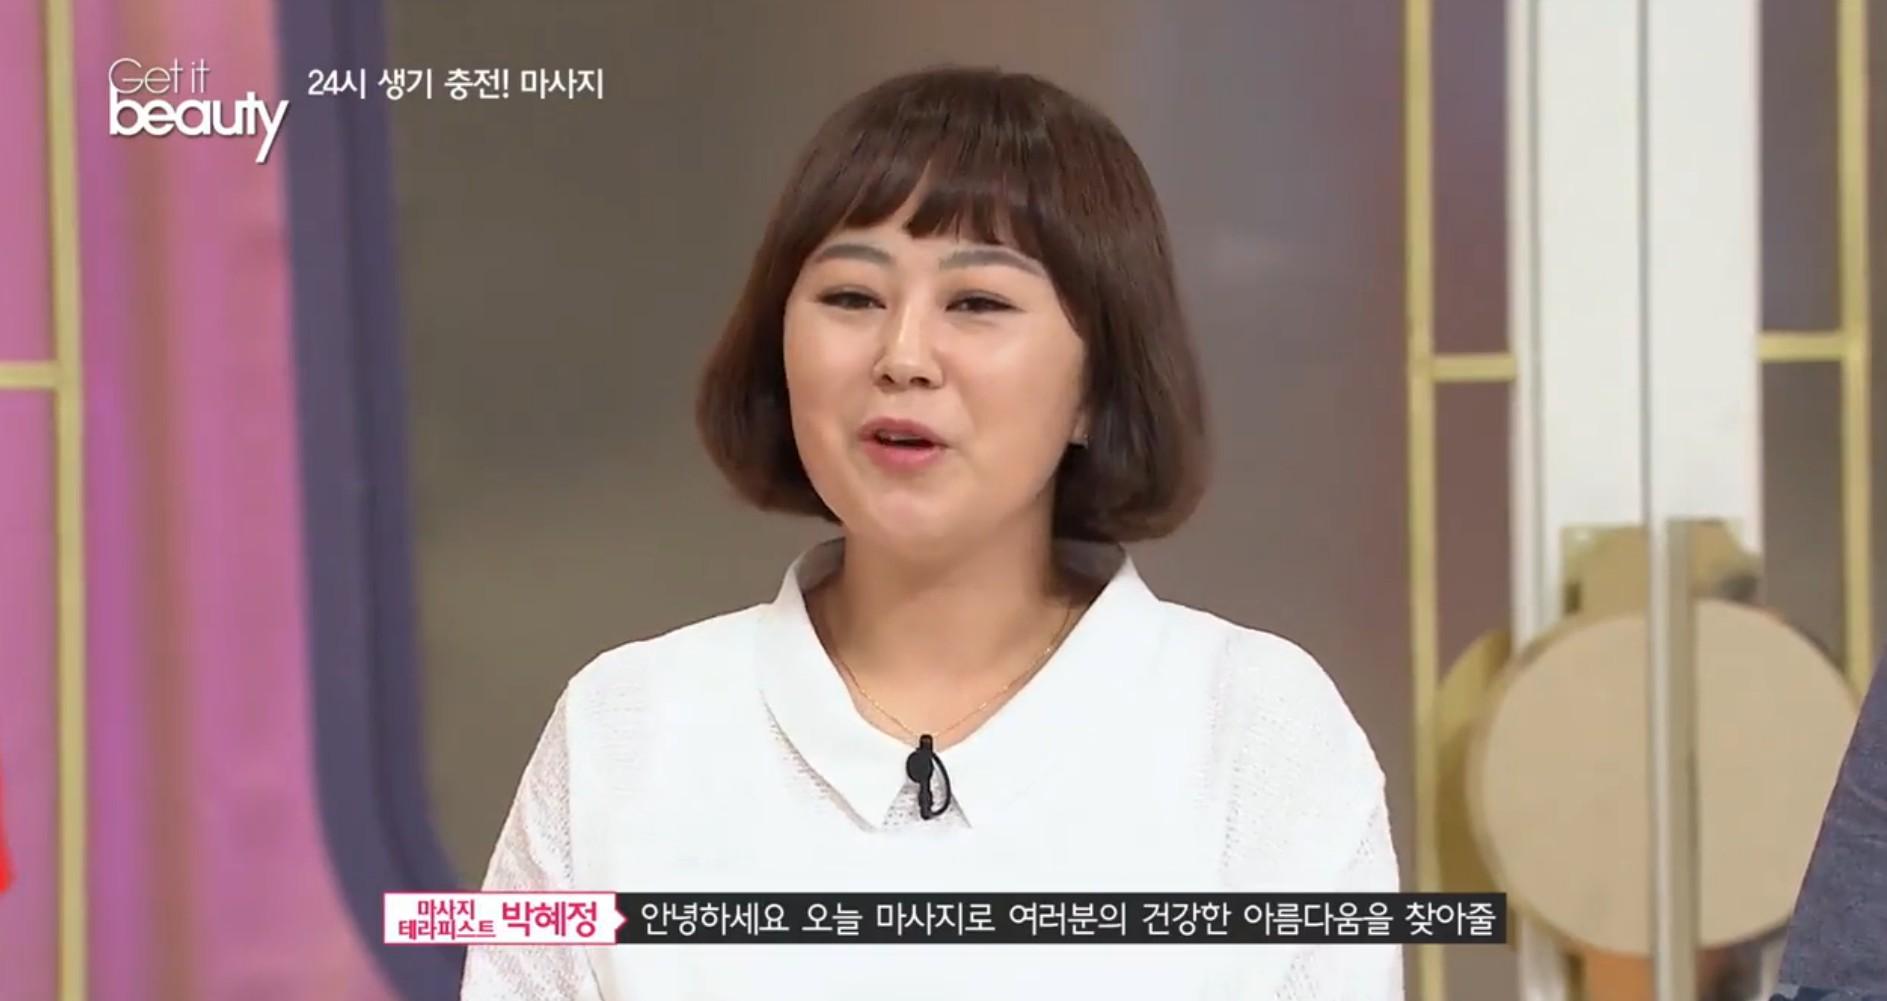 這次《Get it beauty》請到的是鼎鼎有名的按摩治療師─朴慧靜!老師靠著按摩幫助不少人找回健康與美容呢,猜猜老師負責管理哪些韓星的美貌?